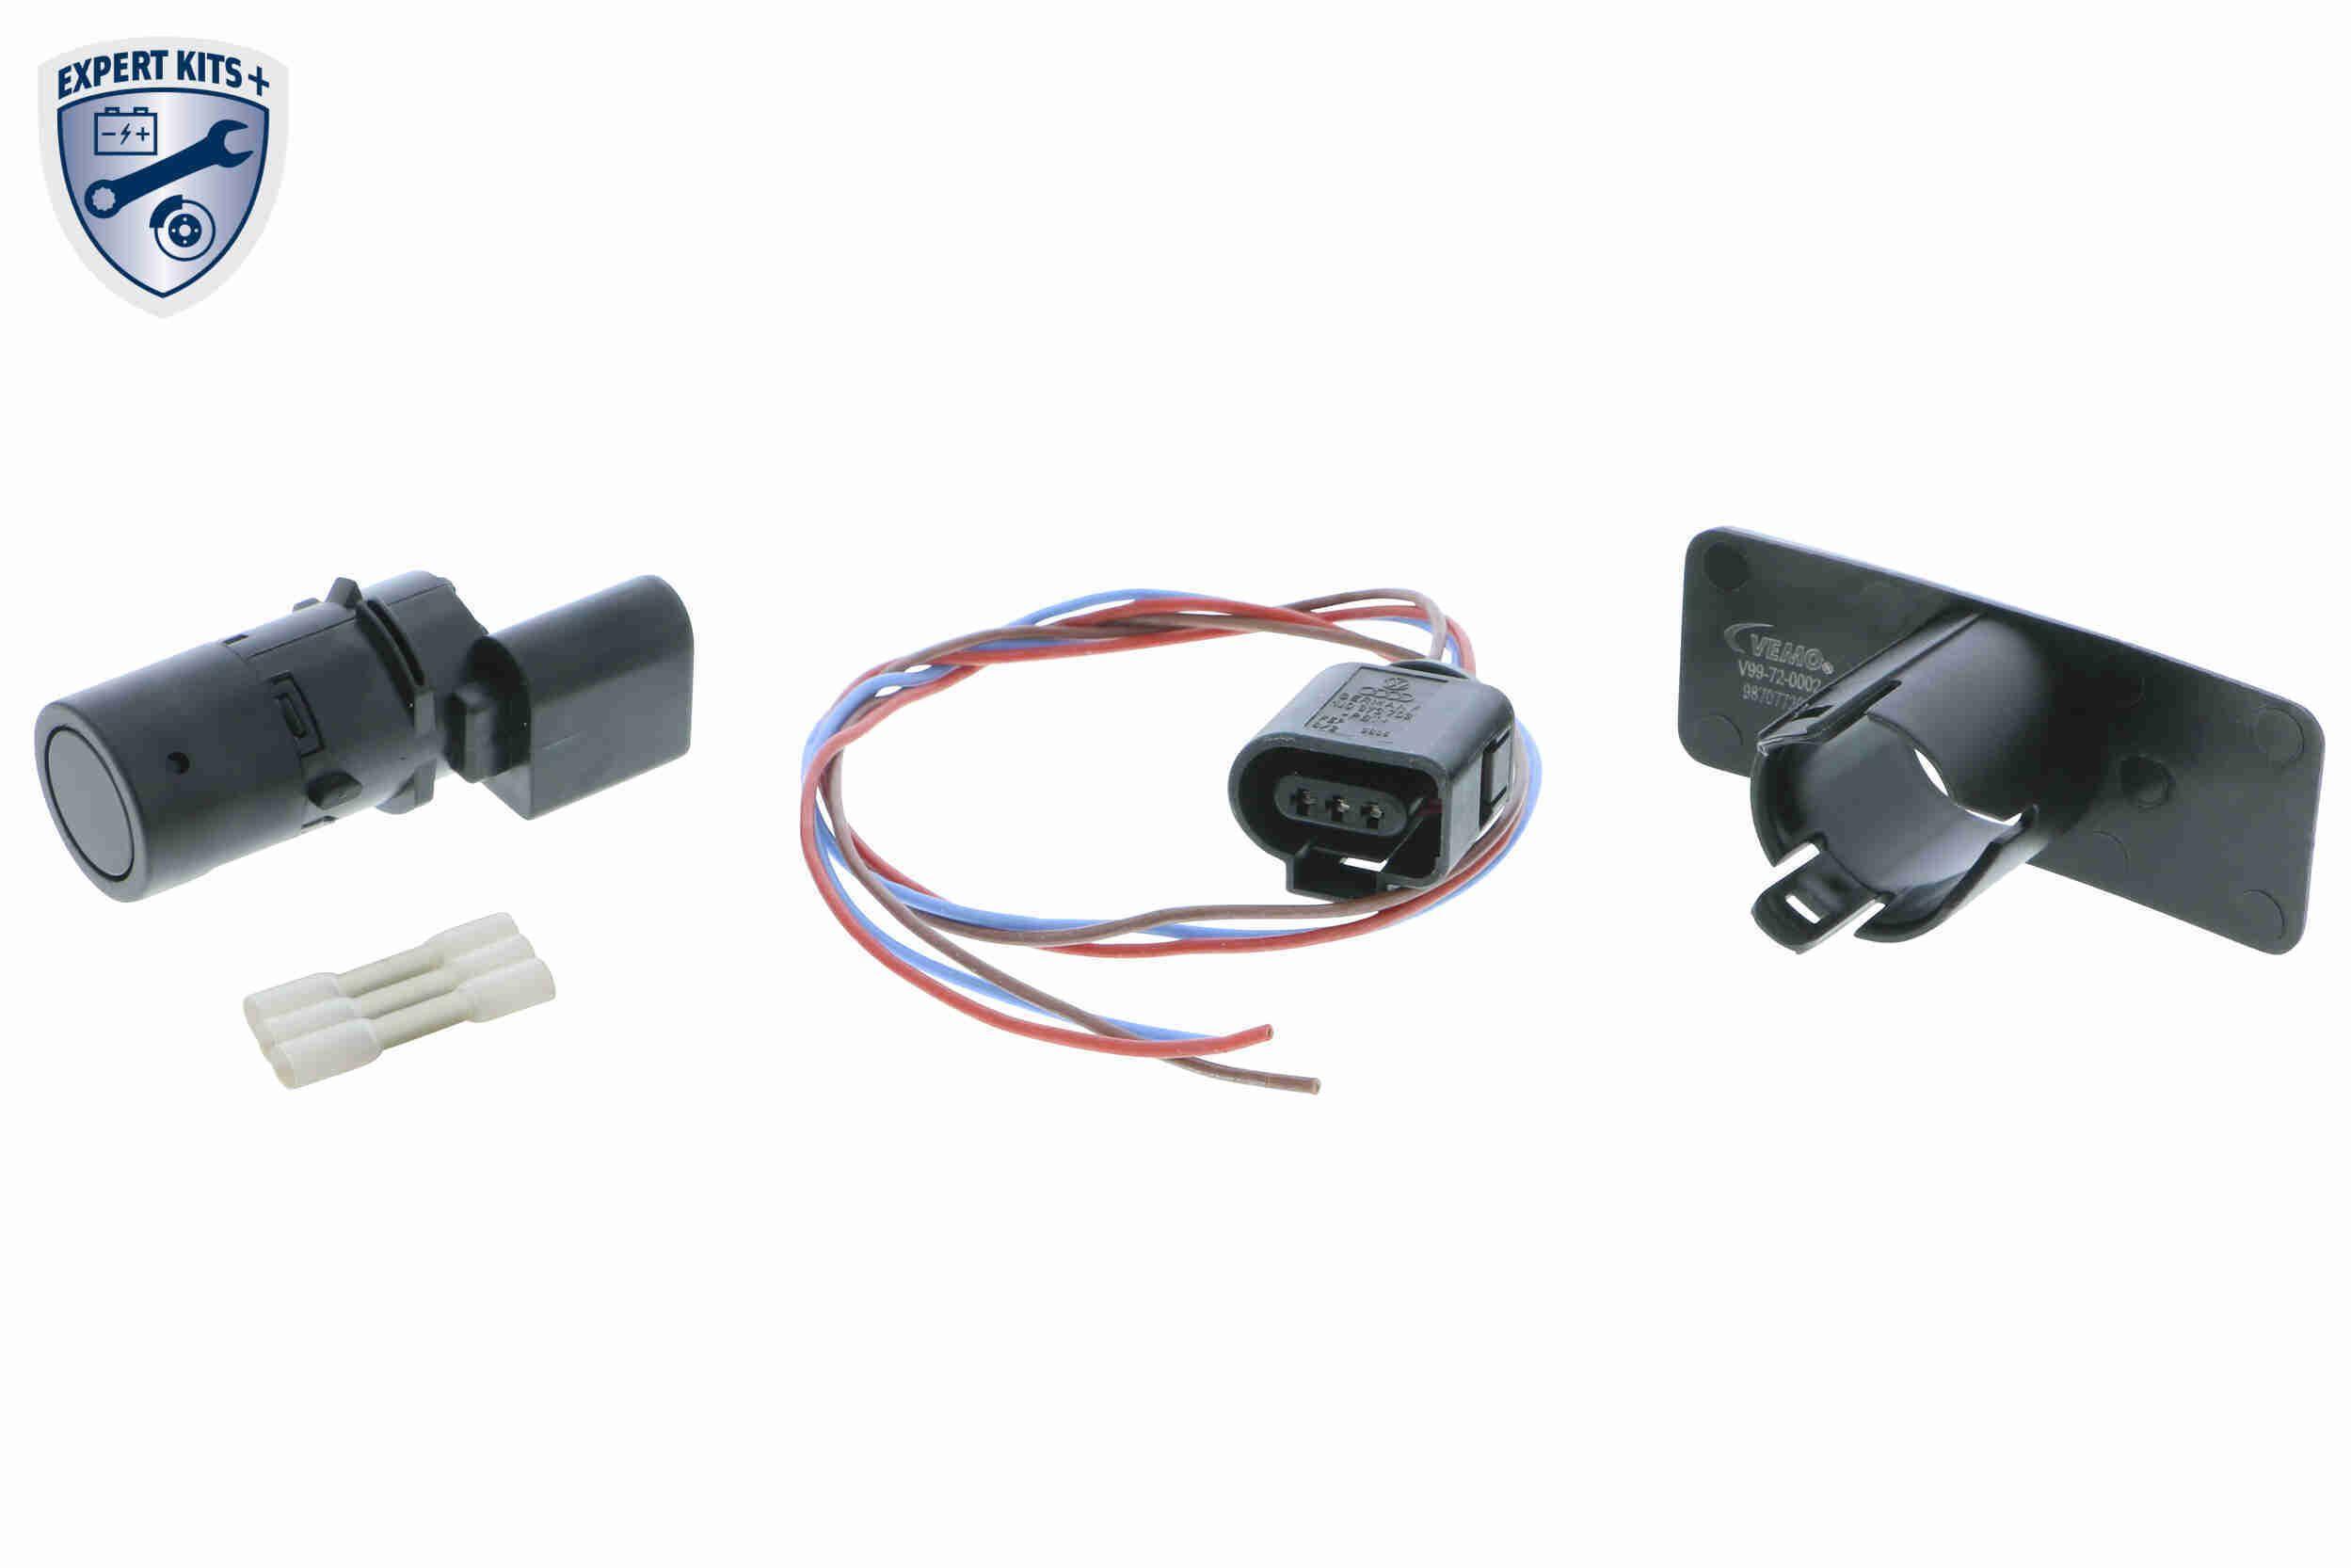 V10-72-10809 VEMO beidseitig, schwarz, Ultraschallsensor Sensor, Einparkhilfe V10-72-10809 günstig kaufen